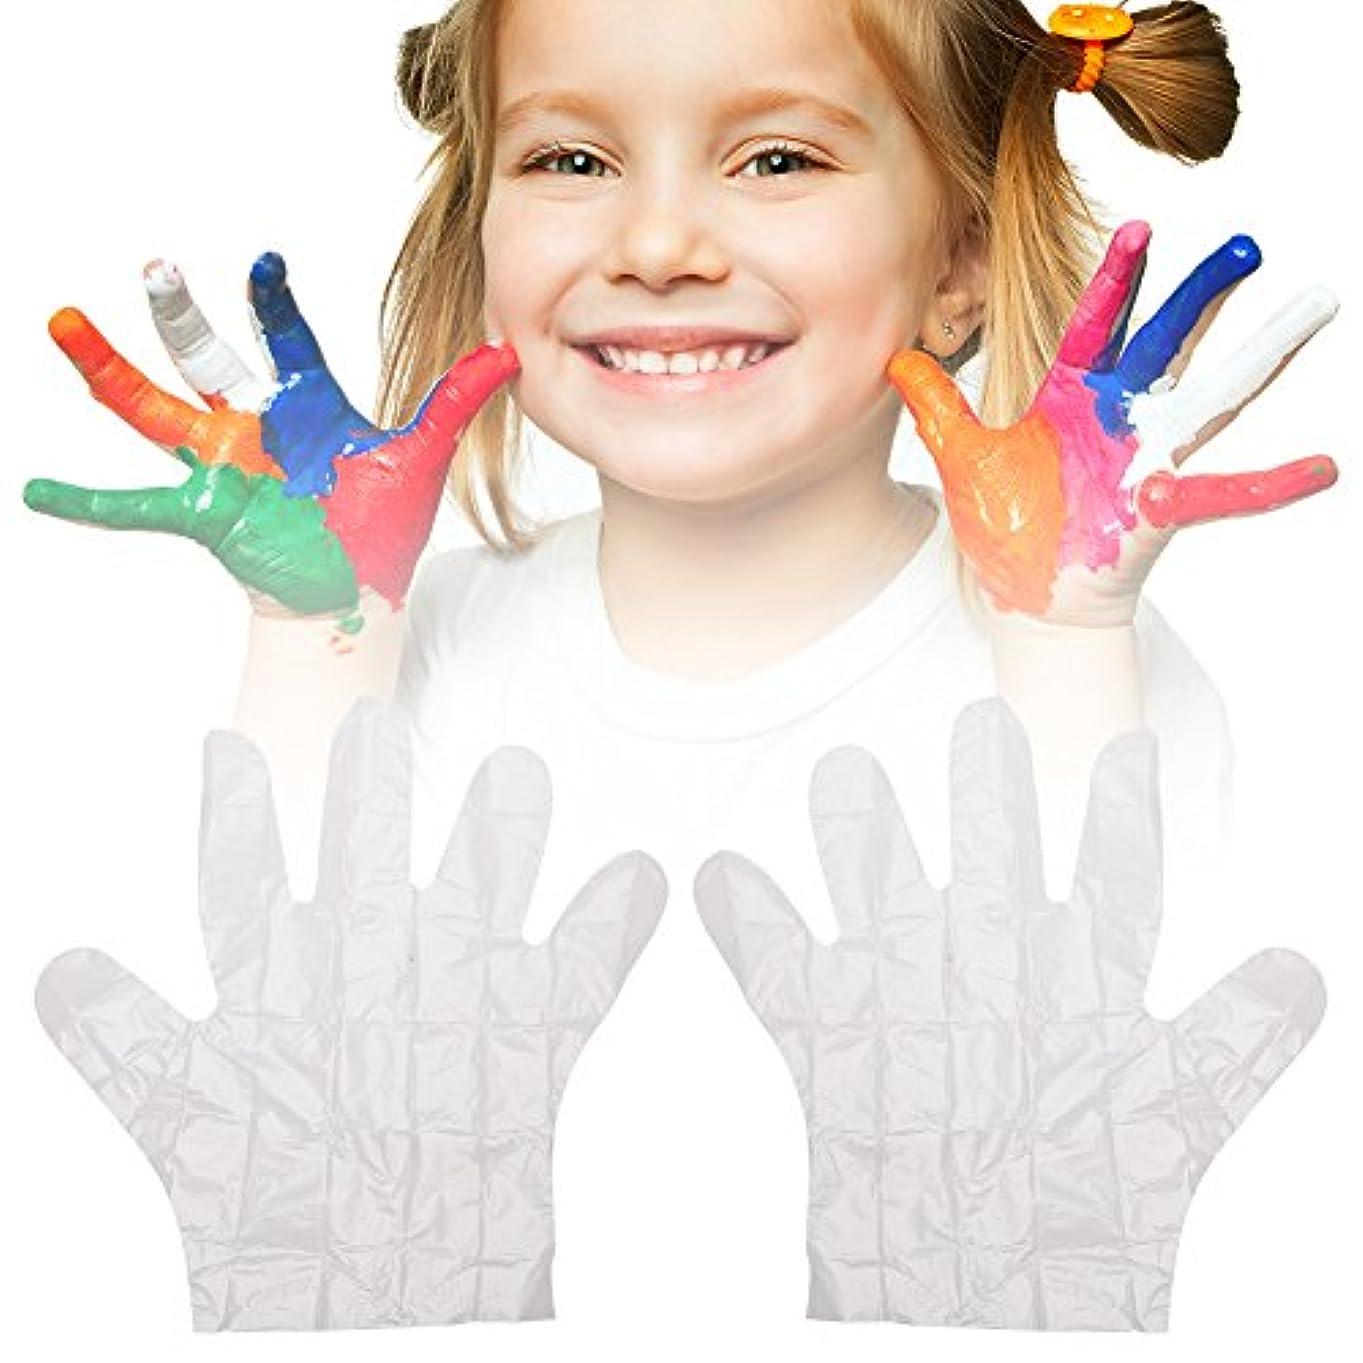 浸す手を差し伸べる批判する卓仕朗 手袋使い捨て 子供用 使い捨て手袋 キッズ専用 食品 調理 キッチン用品 透明 手袋 200枚